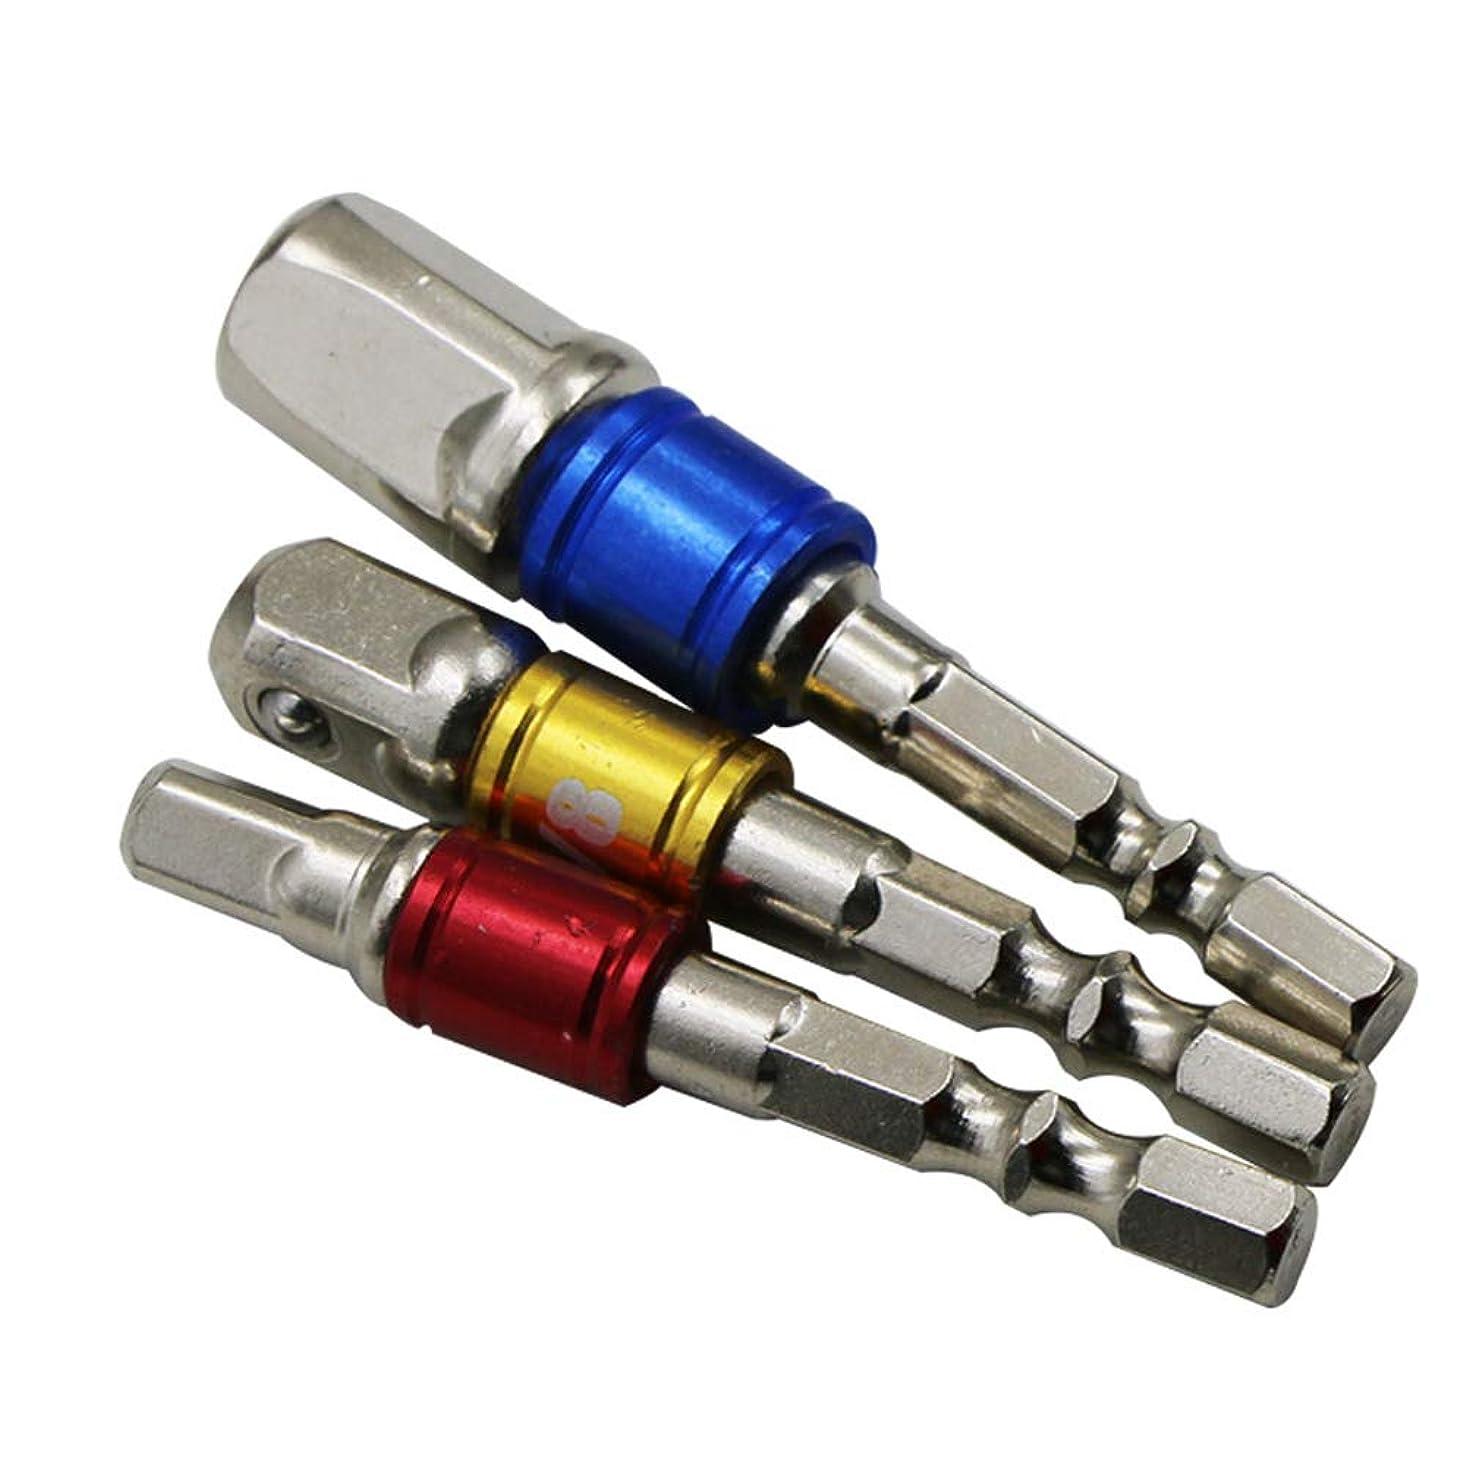 福祉大きい壊れたソケットアダプタードライブ六角シャンクコンバーターインパクトセットエクステンションドリルビット電動工具アクセサリー (マルチカラー)